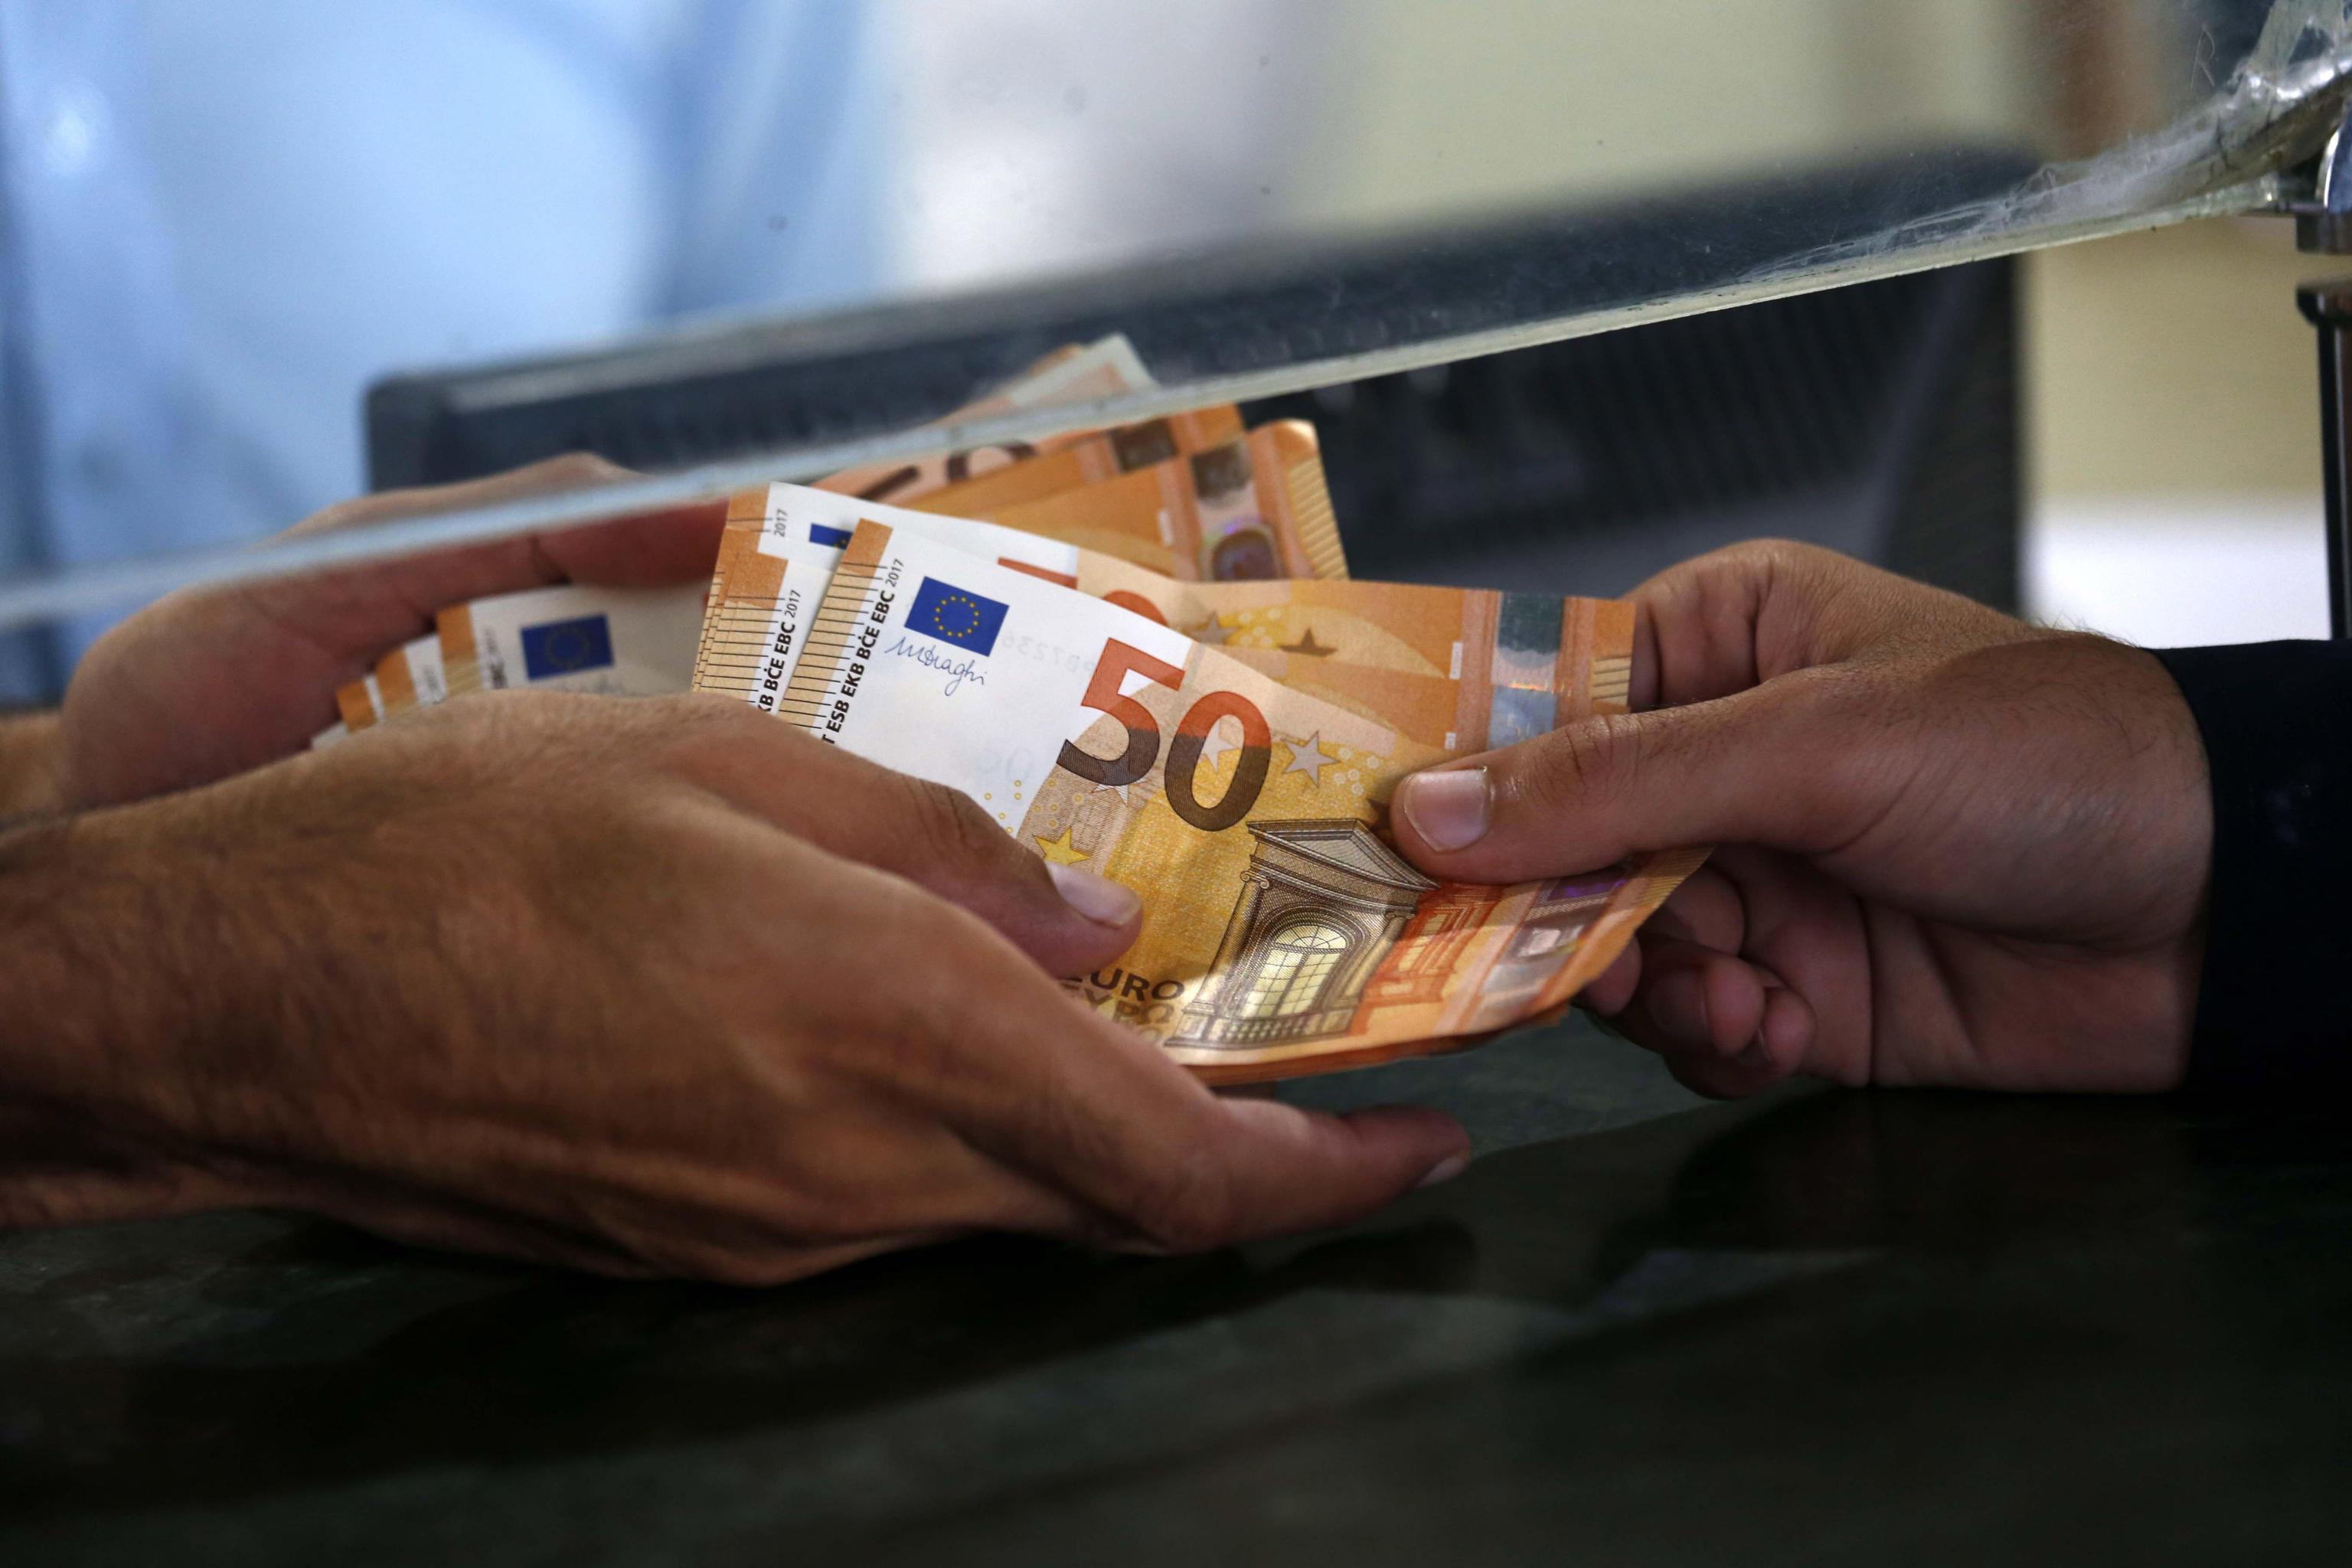 Italiani, popolo di risparmiatori: aumentano redditi e investimenti